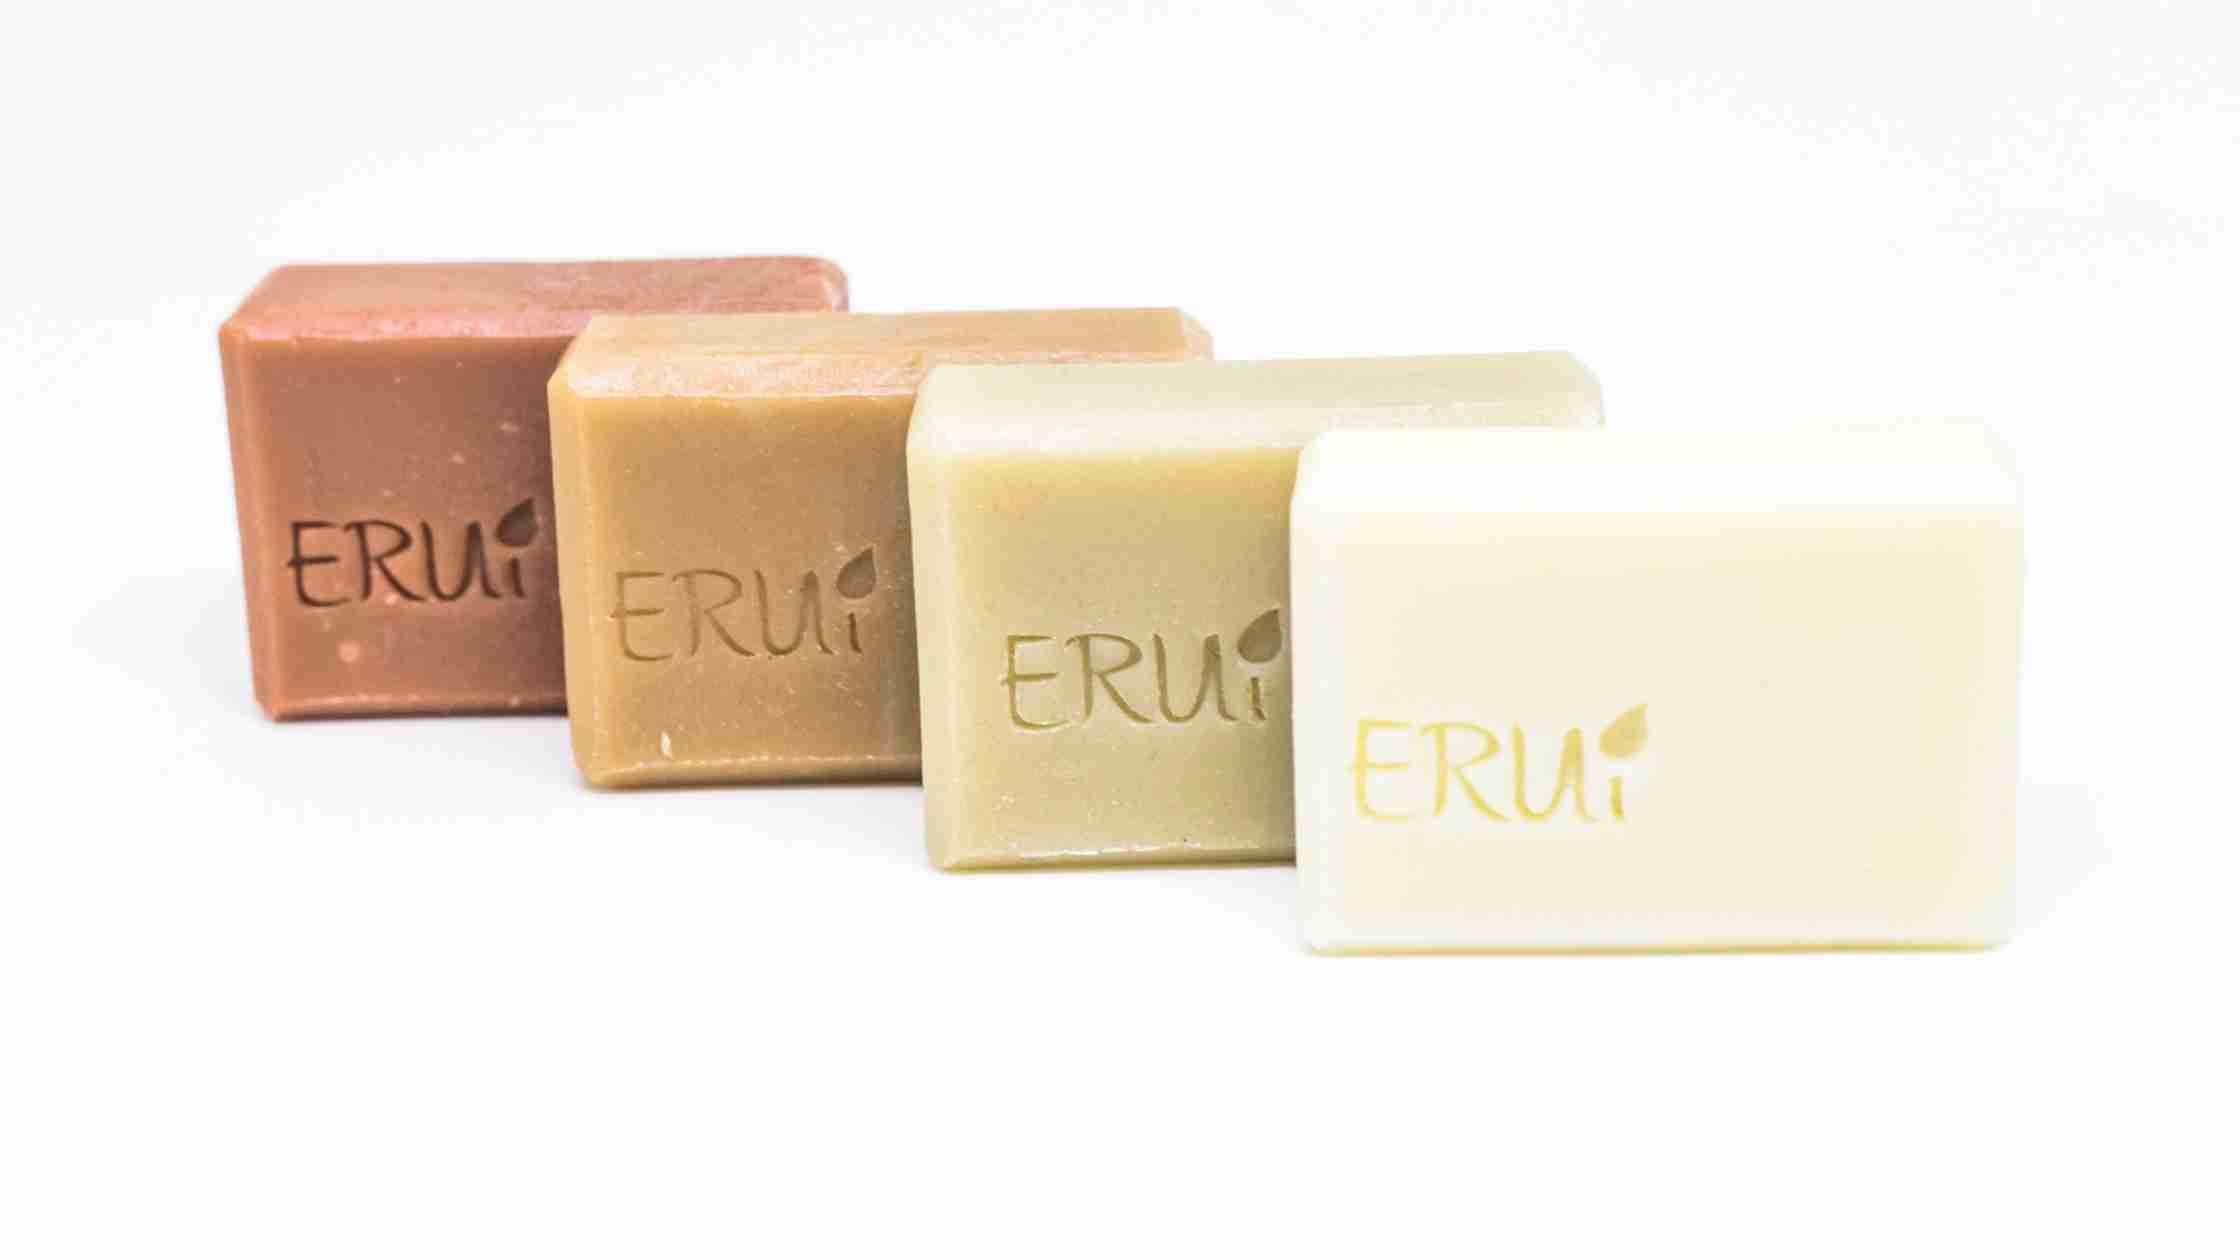 Občutljiva koža – ERUi Bio milo za občutljivo kožo